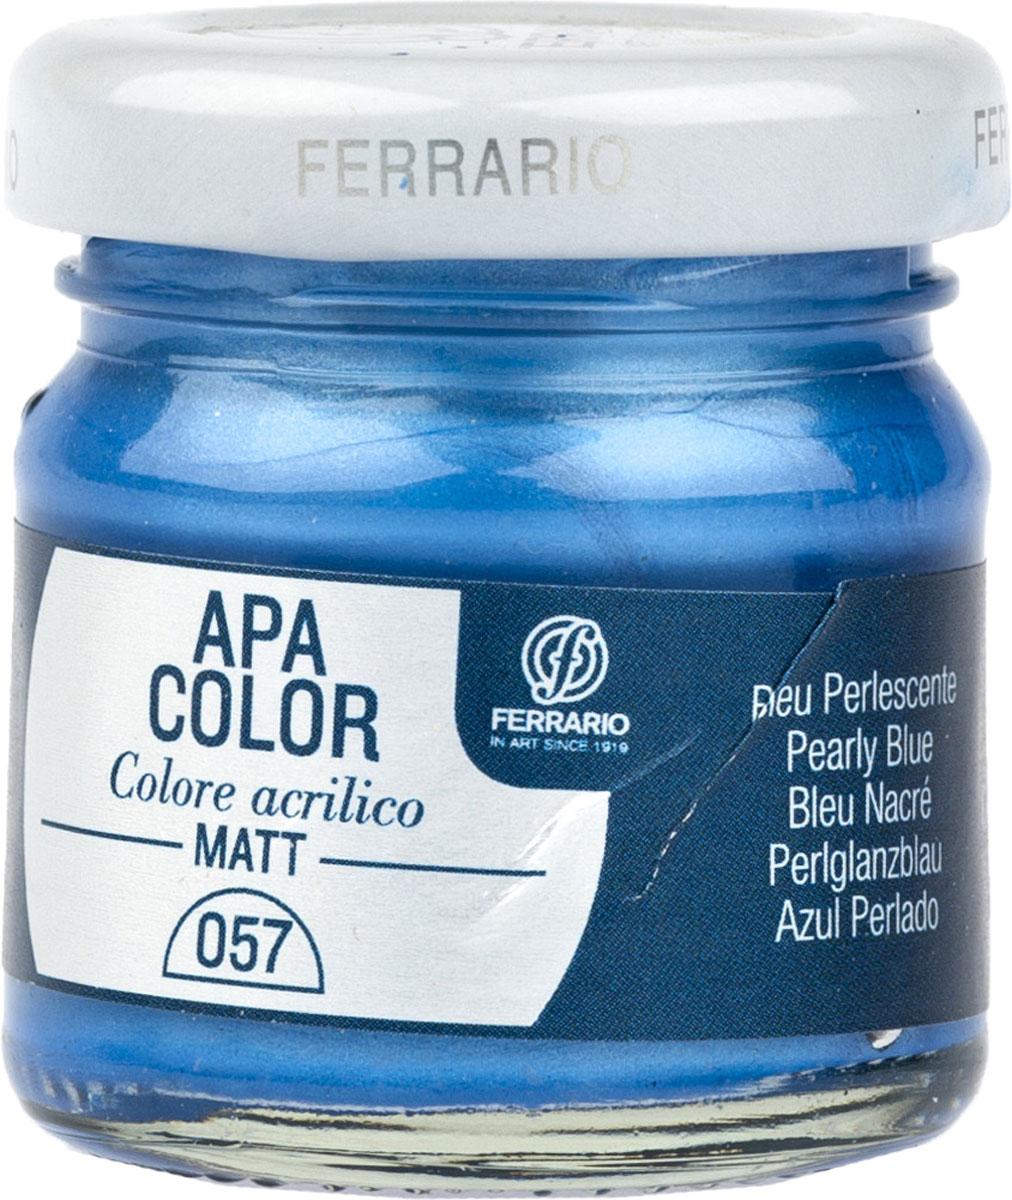 Ferrario Краска акриловая Apa Color цвет синий перламутровый BA0040А0057BA0040А0057Матовая акриловая краска Apa Color итальянской компании Ferrario на водной основе, готова к использованию. Основные качества акриловой краски Apa Color: прочность, светостойкость и экологичность. Благодаря акриловой смоле Apa Color пластична и не дает трещин. Именно поэтому краска прекрасно ложится на любые поверхности, будь то стекло, дерево или ткань, что особенно хорошо в дизайне и декоре. Она быстро сохнет, после высыхания становится водостойкой. Акриловая краска Apa Color не потускнеет со временем, ее светостойкость не позволит измениться цвету, он не выгорит на солнце и не пожелтеет. Акриловая краска Apa Color – это отличный выбор в пользу яркой живописи, так как в ее палитре только глубокие и насыщенные цвета. Из-за того, что акриловая краска Apa Color на водной основе, она почти совсем не пахнет, малотоксична – подходит для работы в помещениях, можно заниматься творчеством вместе с детьми. Акриловая краска Apa Color разводится водой, однако это не значит, что для нее нельзя использовать специальные растворители и медиумы, предназначенные для акриловых красок – в этом случае сохраняется высокая пигментированность, но объем краски увеличивается и появляется возможность создания различных фактур и эффектов. Акриловую краску Apa Color легко наносить кистью, шпателем, валиком.